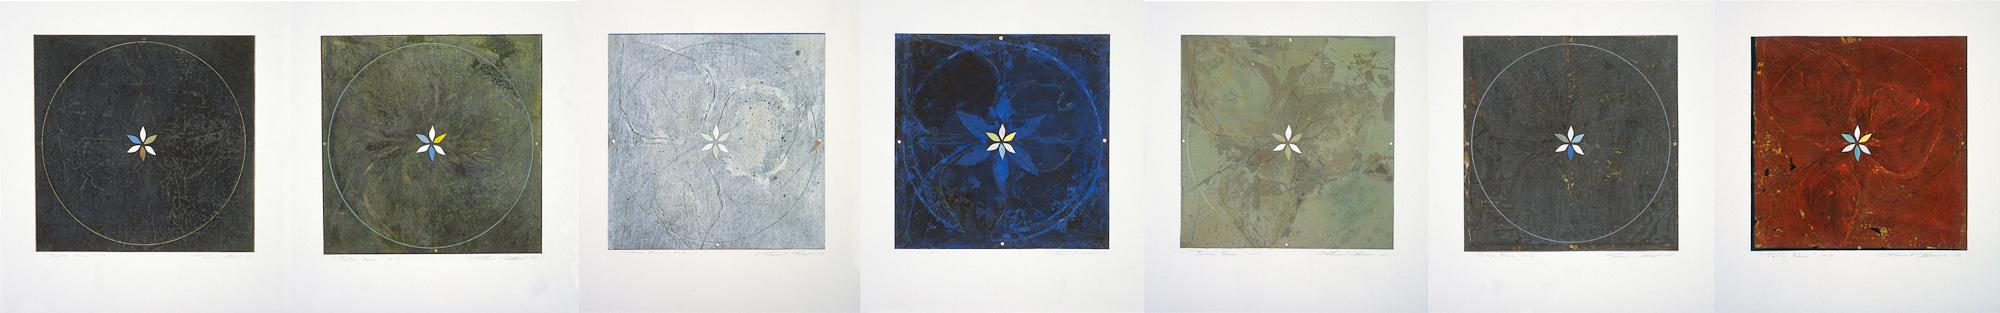 Trille blanc, no 1 à 7, 2003 - 2005. Gouache et crayon sur papier fort, 44,5 x 280 cm.